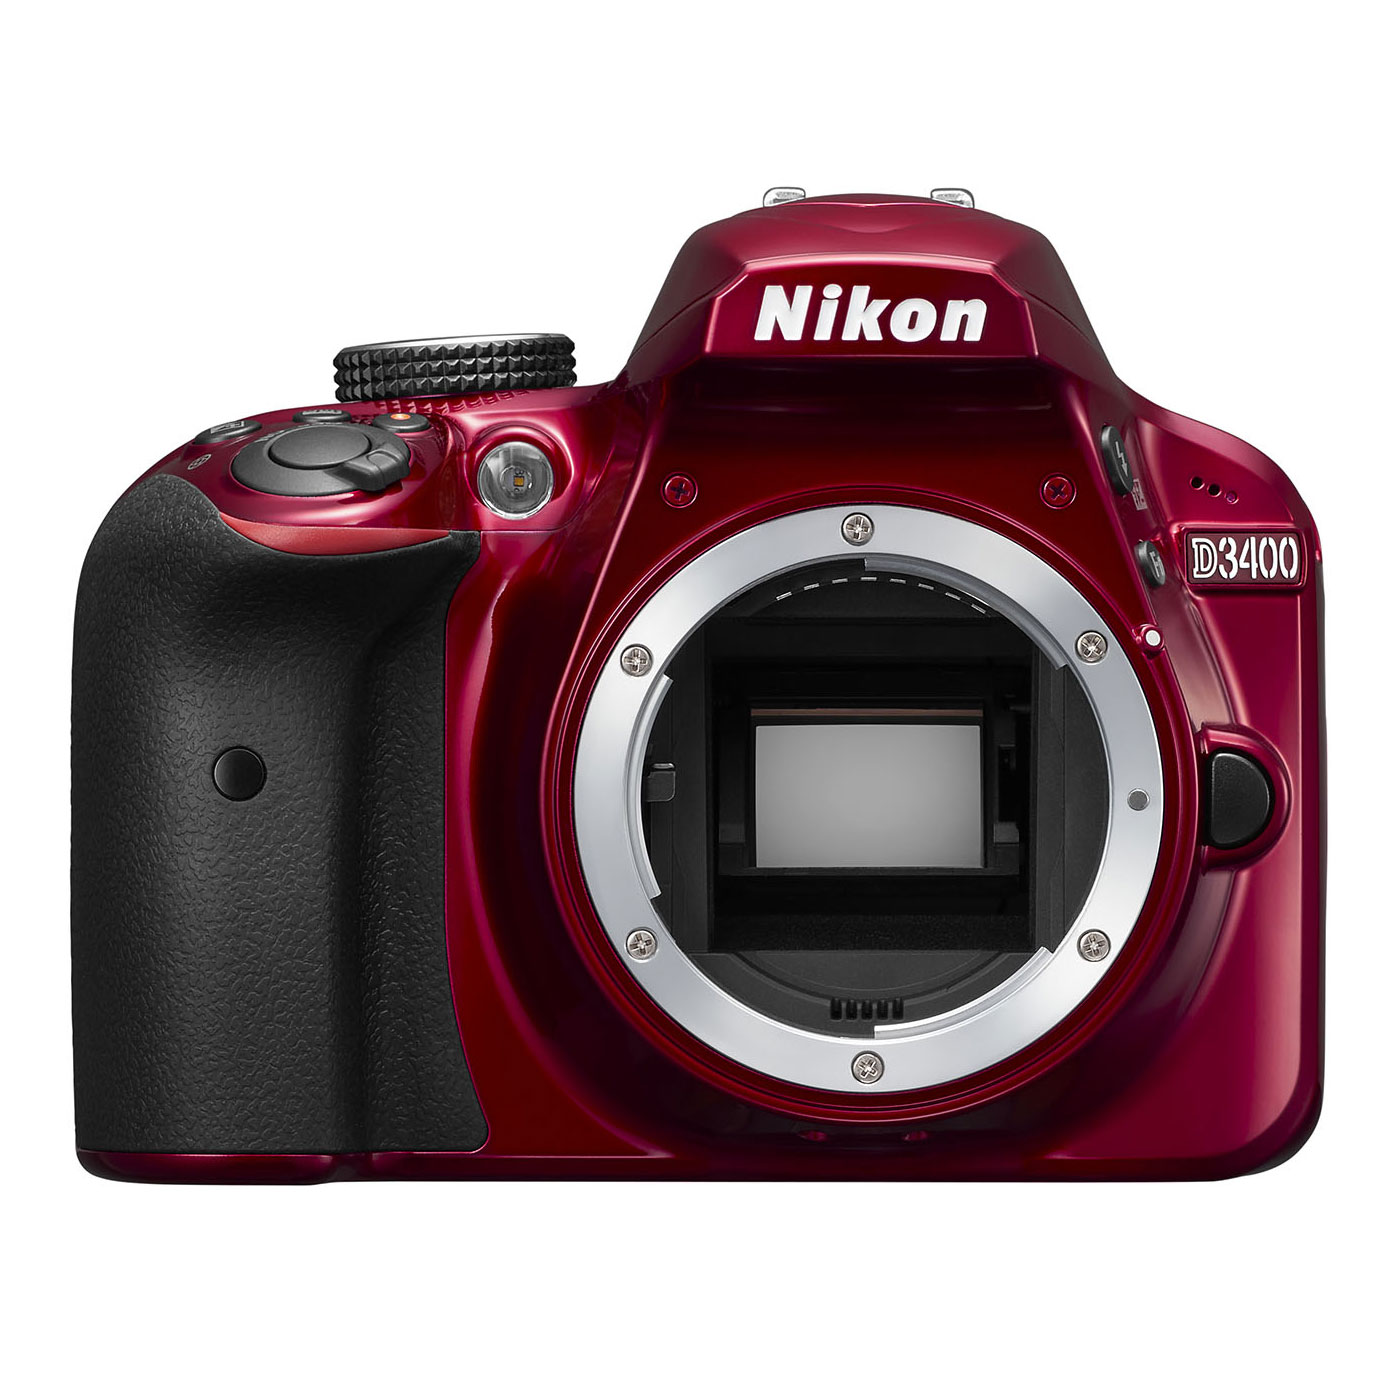 nikon d3400 rouge appareil photo reflex nikon sur ldlc. Black Bedroom Furniture Sets. Home Design Ideas